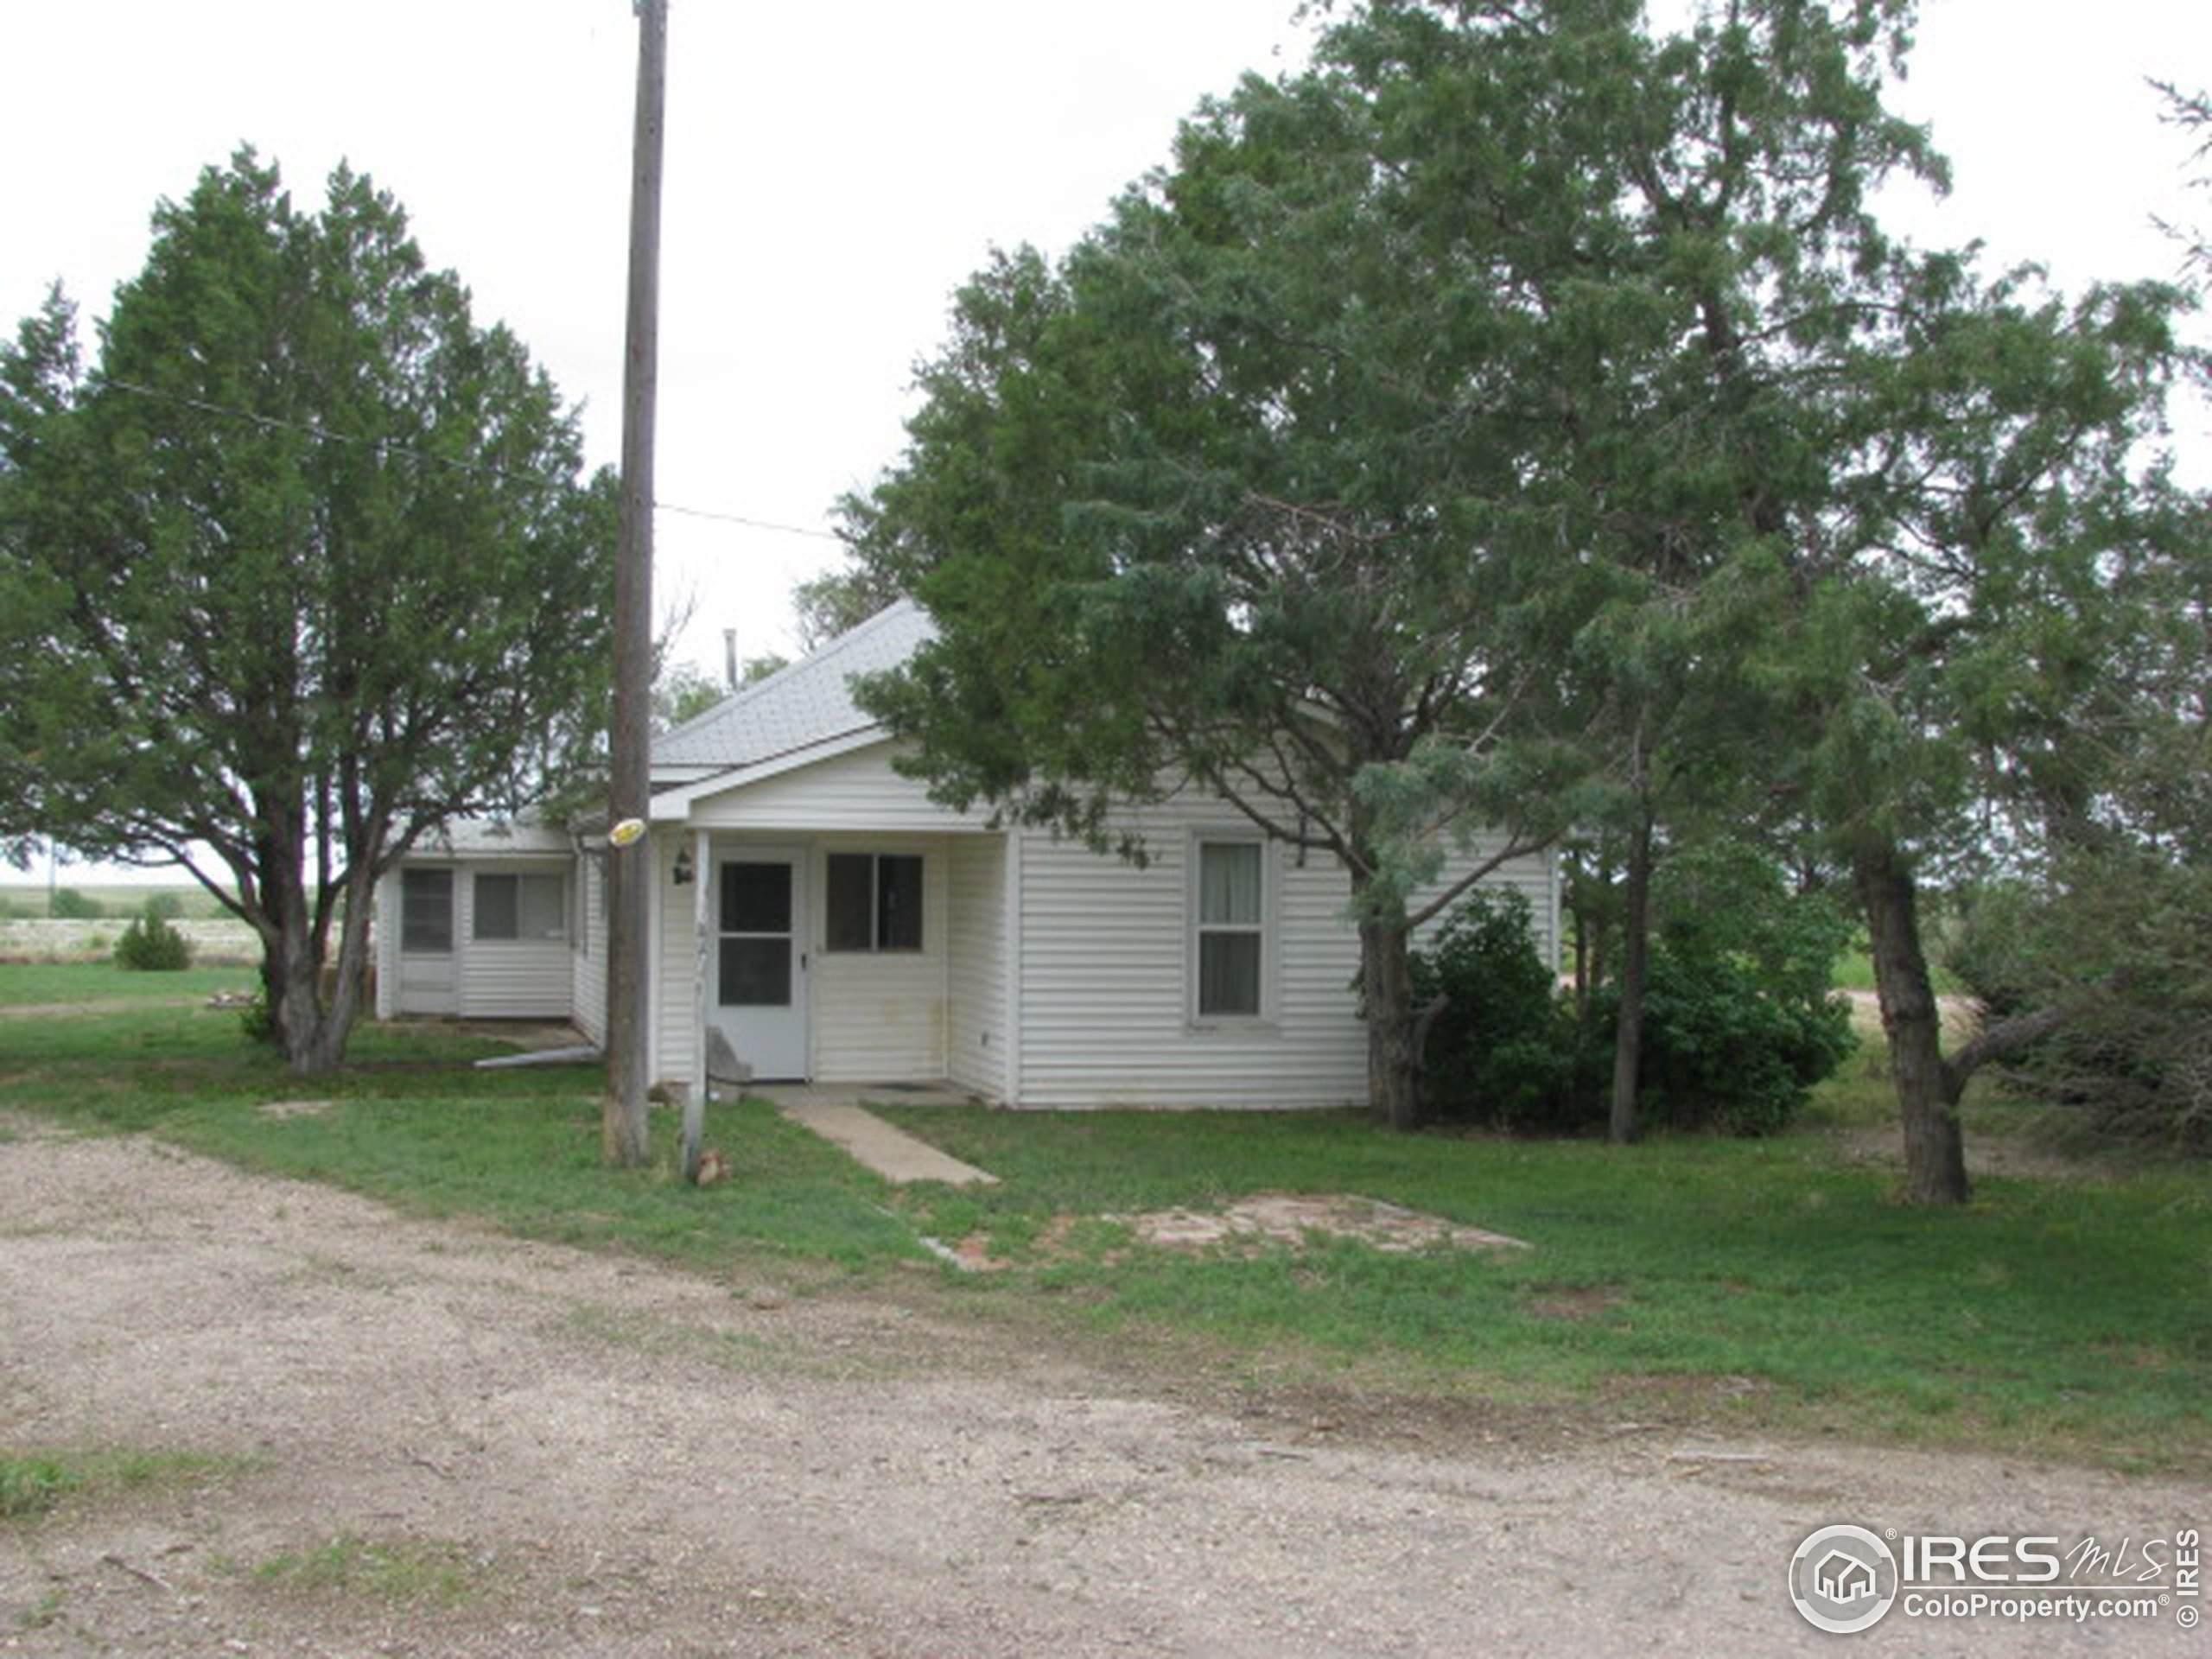 435 Dahlia St, Fort Morgan, CO 80701 (MLS #900010) :: Colorado Home Finder Realty